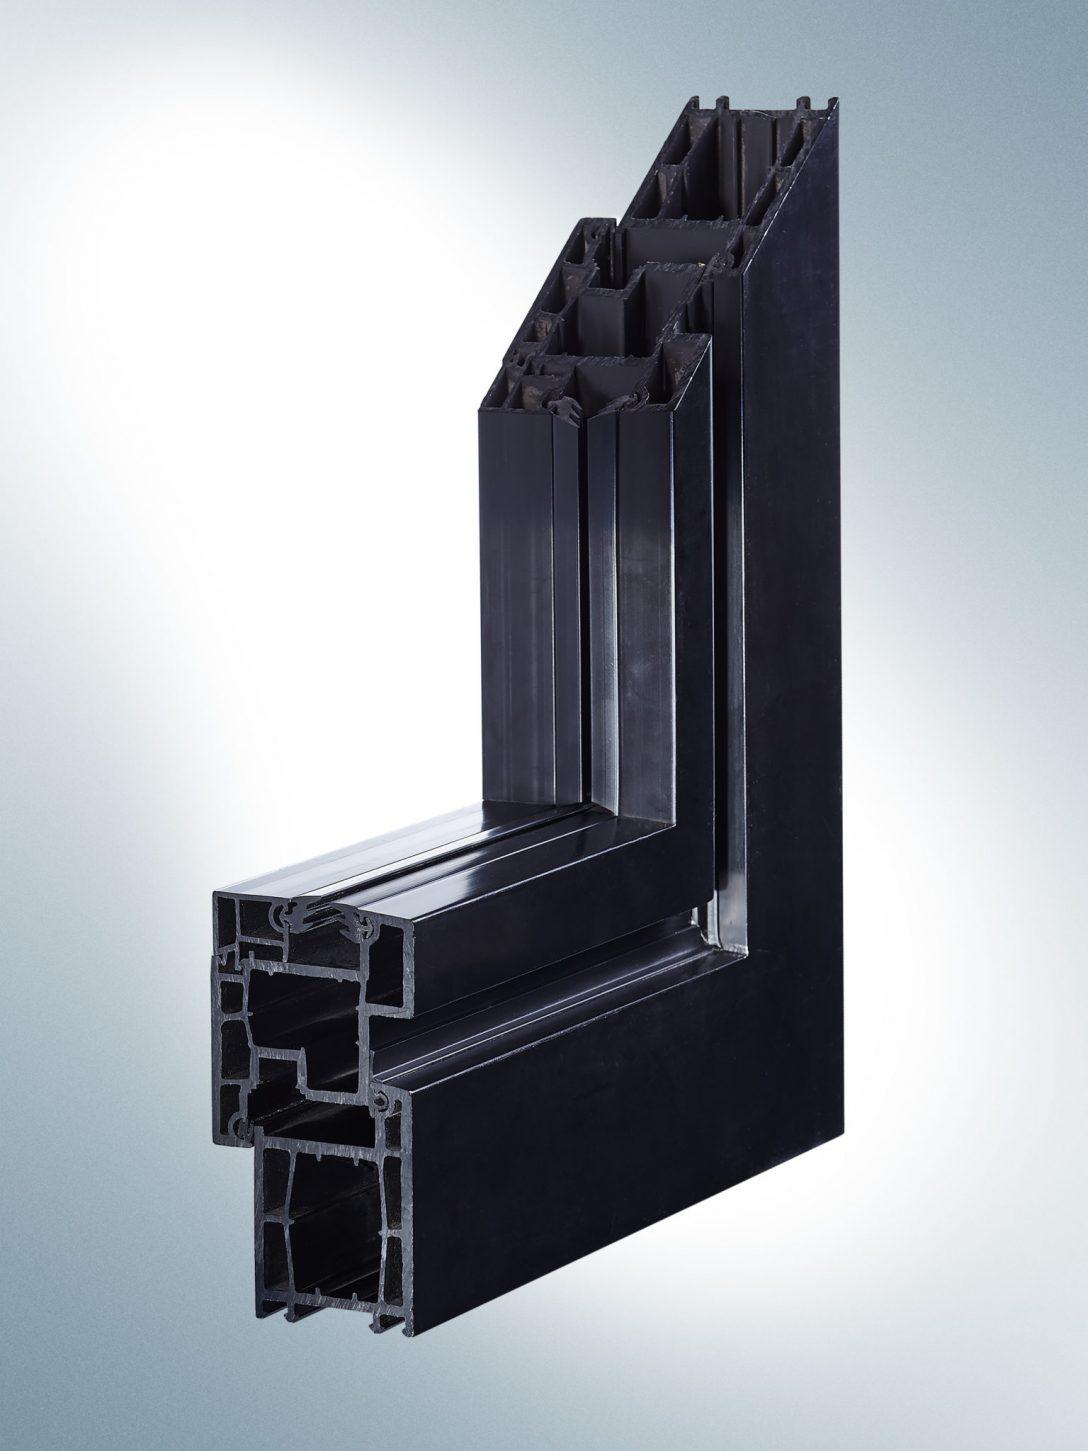 Large Size of Fenster Veka Softline 82 76 Md 70 Preise Ad 50 Jahre Welt Das Jubilum Ebay Drutex Test Putzen Kunststoff Sichtschutzfolien Für Bodentiefe Maße Rc3 Fenster Fenster Veka